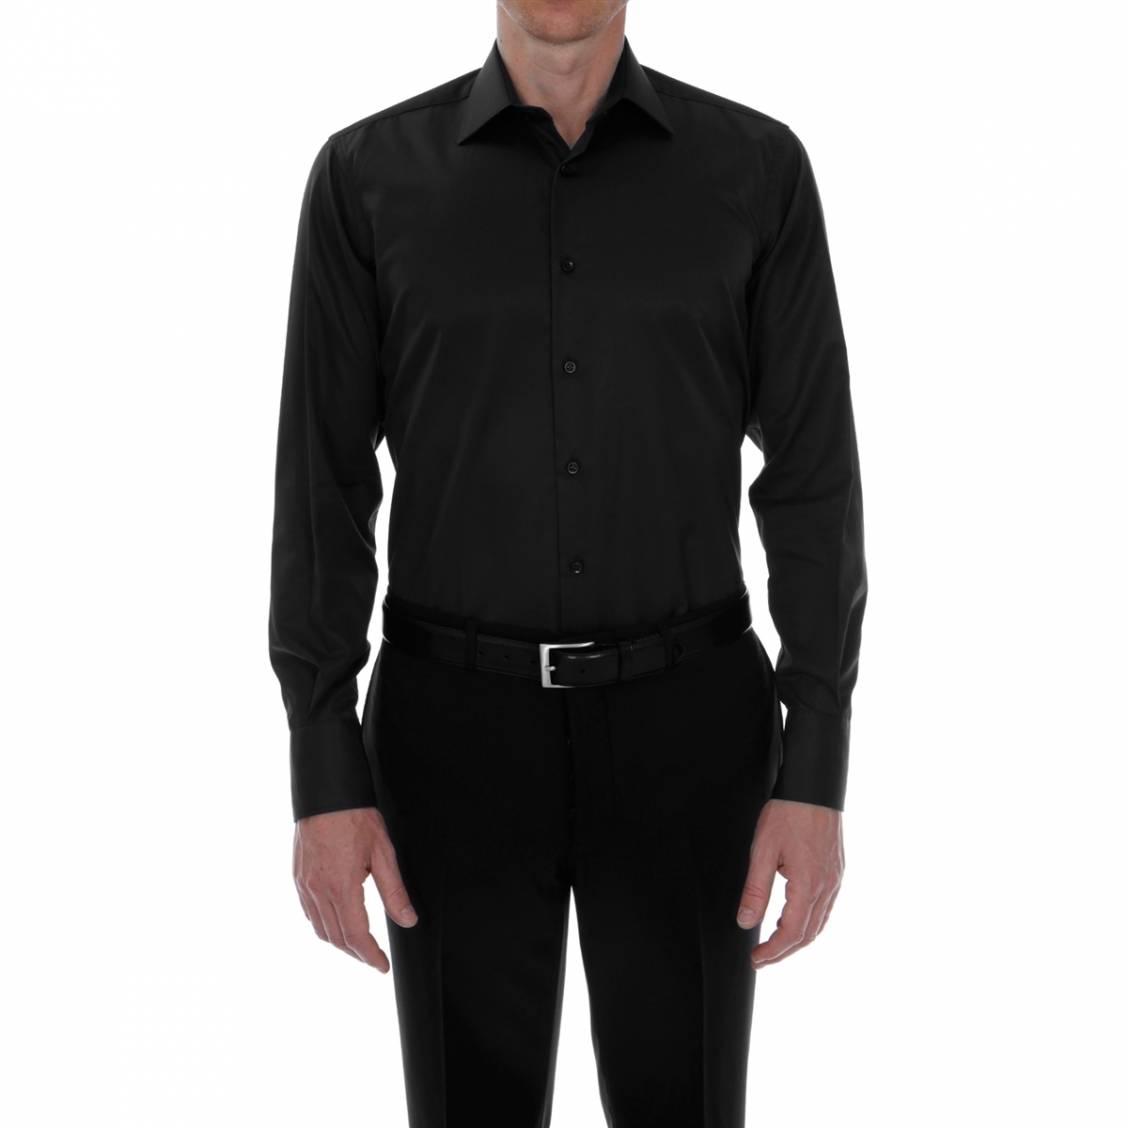 chemise homme unie coupe classique rue des hommes. Black Bedroom Furniture Sets. Home Design Ideas